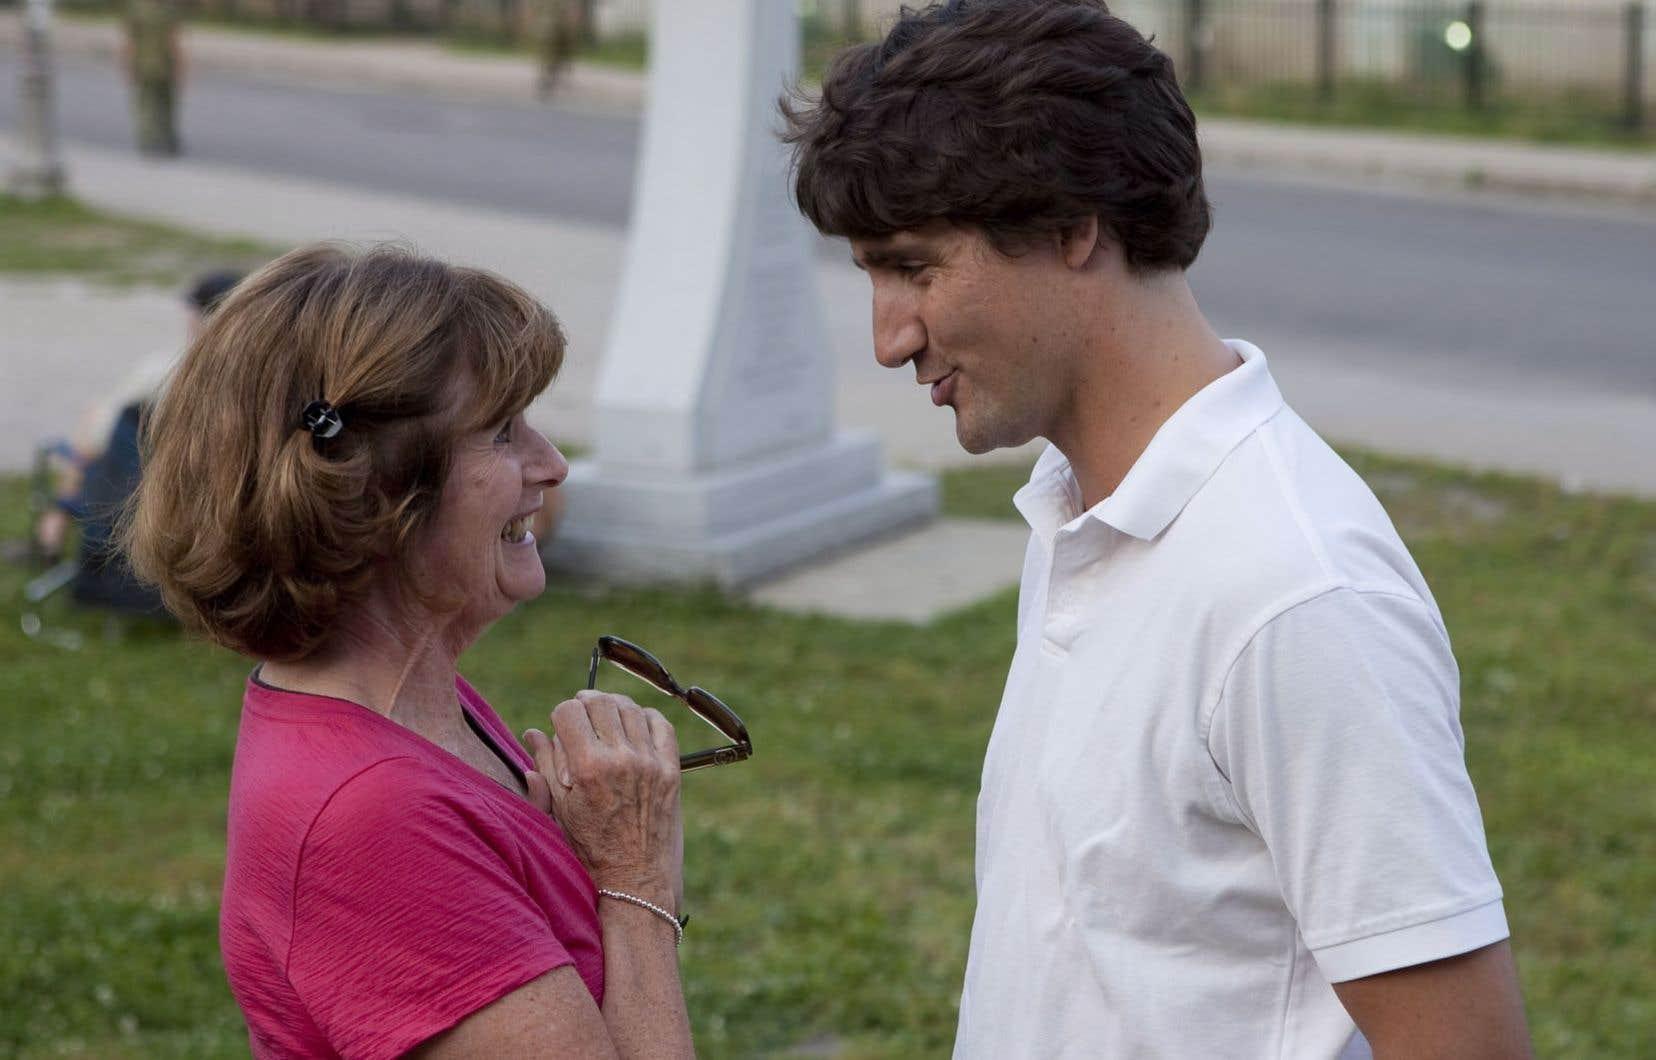 De passage à Québec, Justin Trudeau a rencontré des gens au Festival de musique militaire.